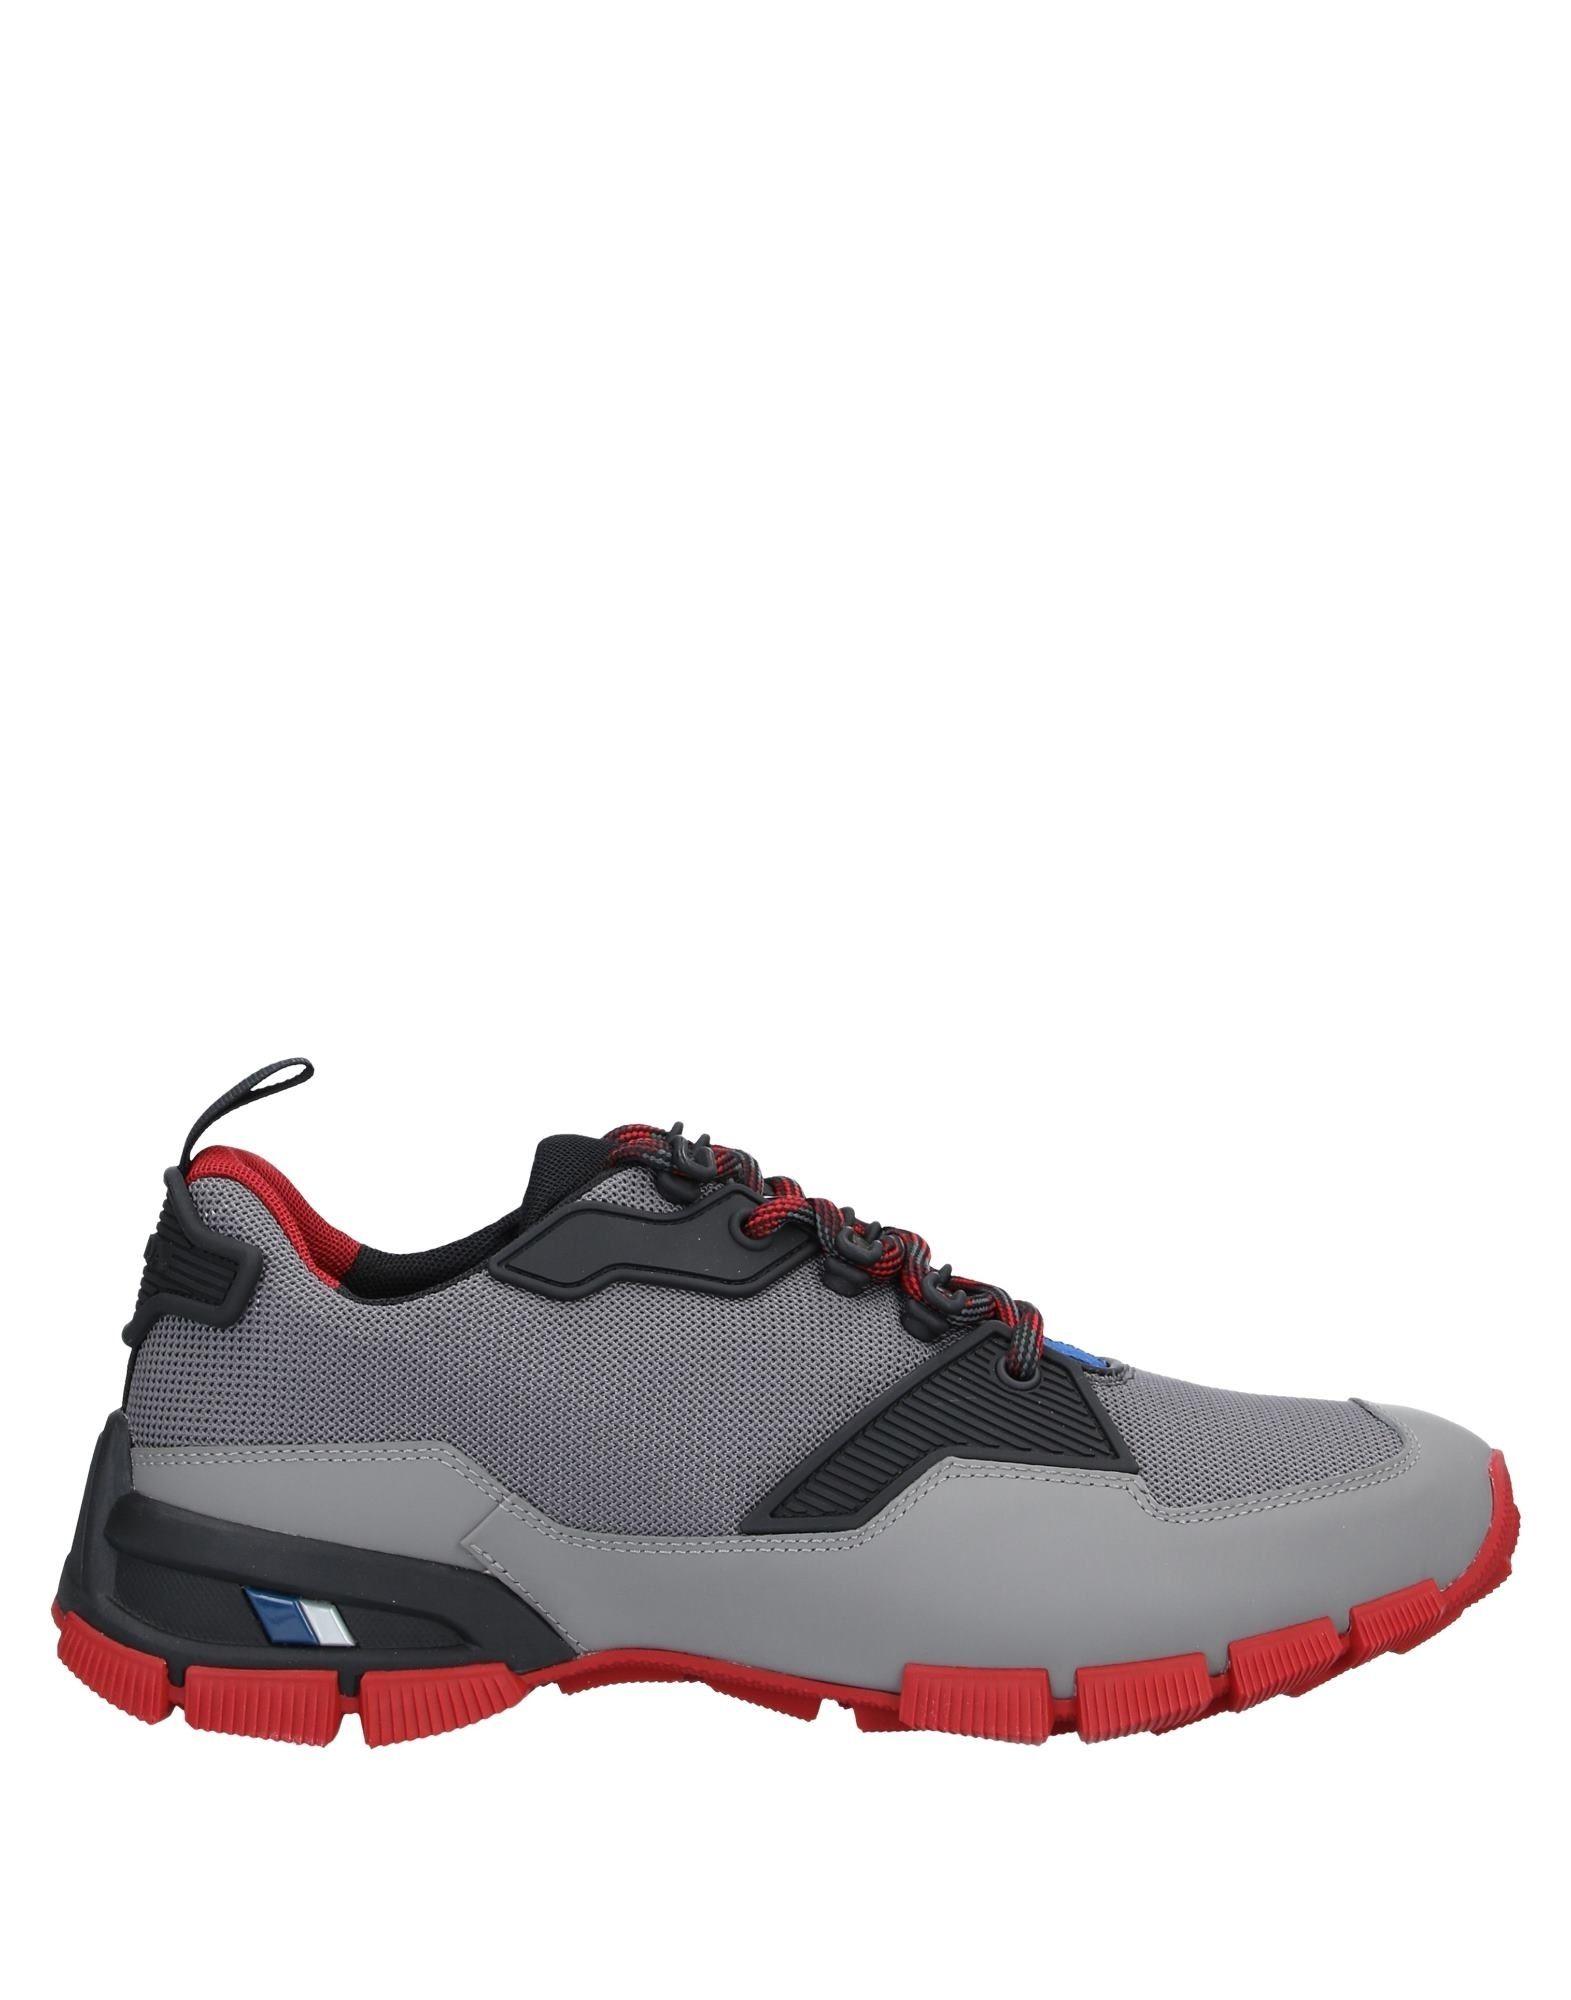 PRADA LINEA ROSSA Low-tops & sneakers - Item 11824251